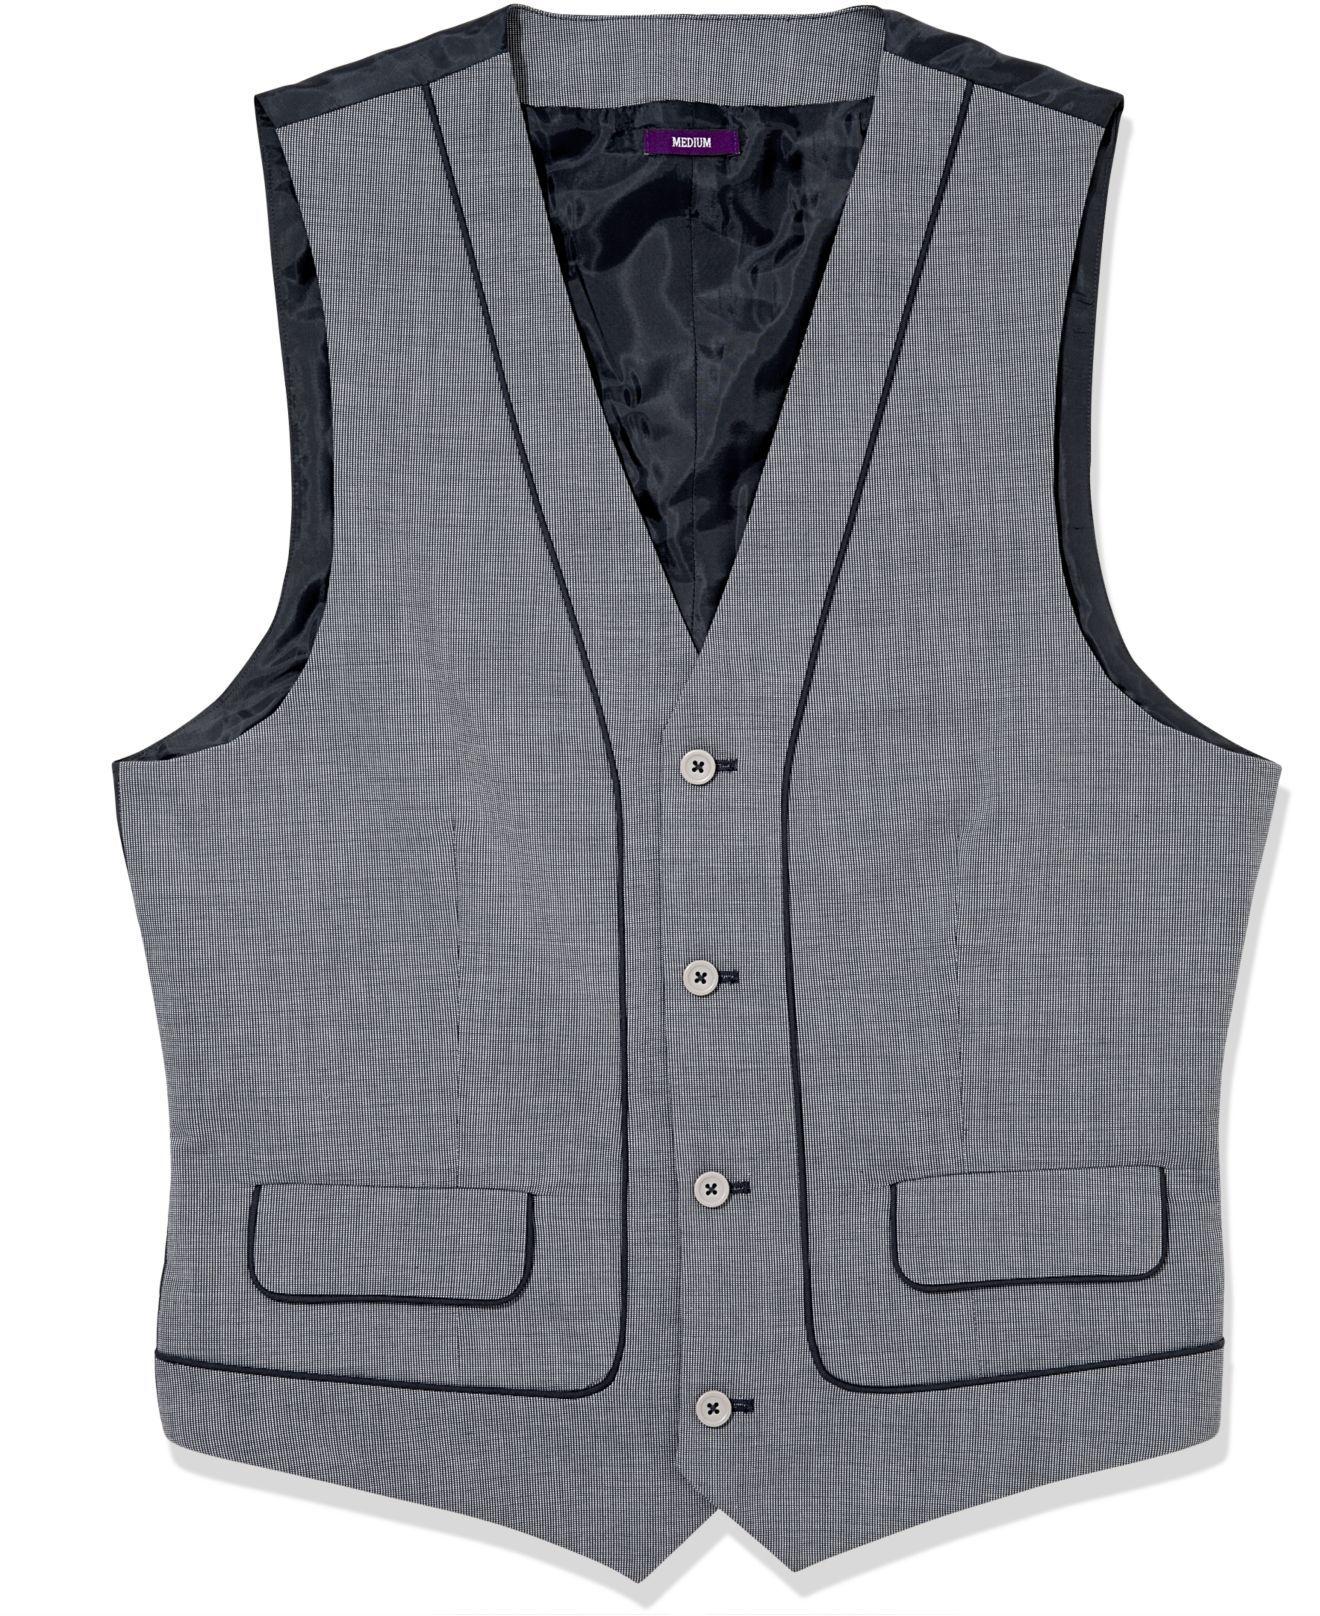 American Rag Vest Eoe Vest Mens Men S Vests Macy S